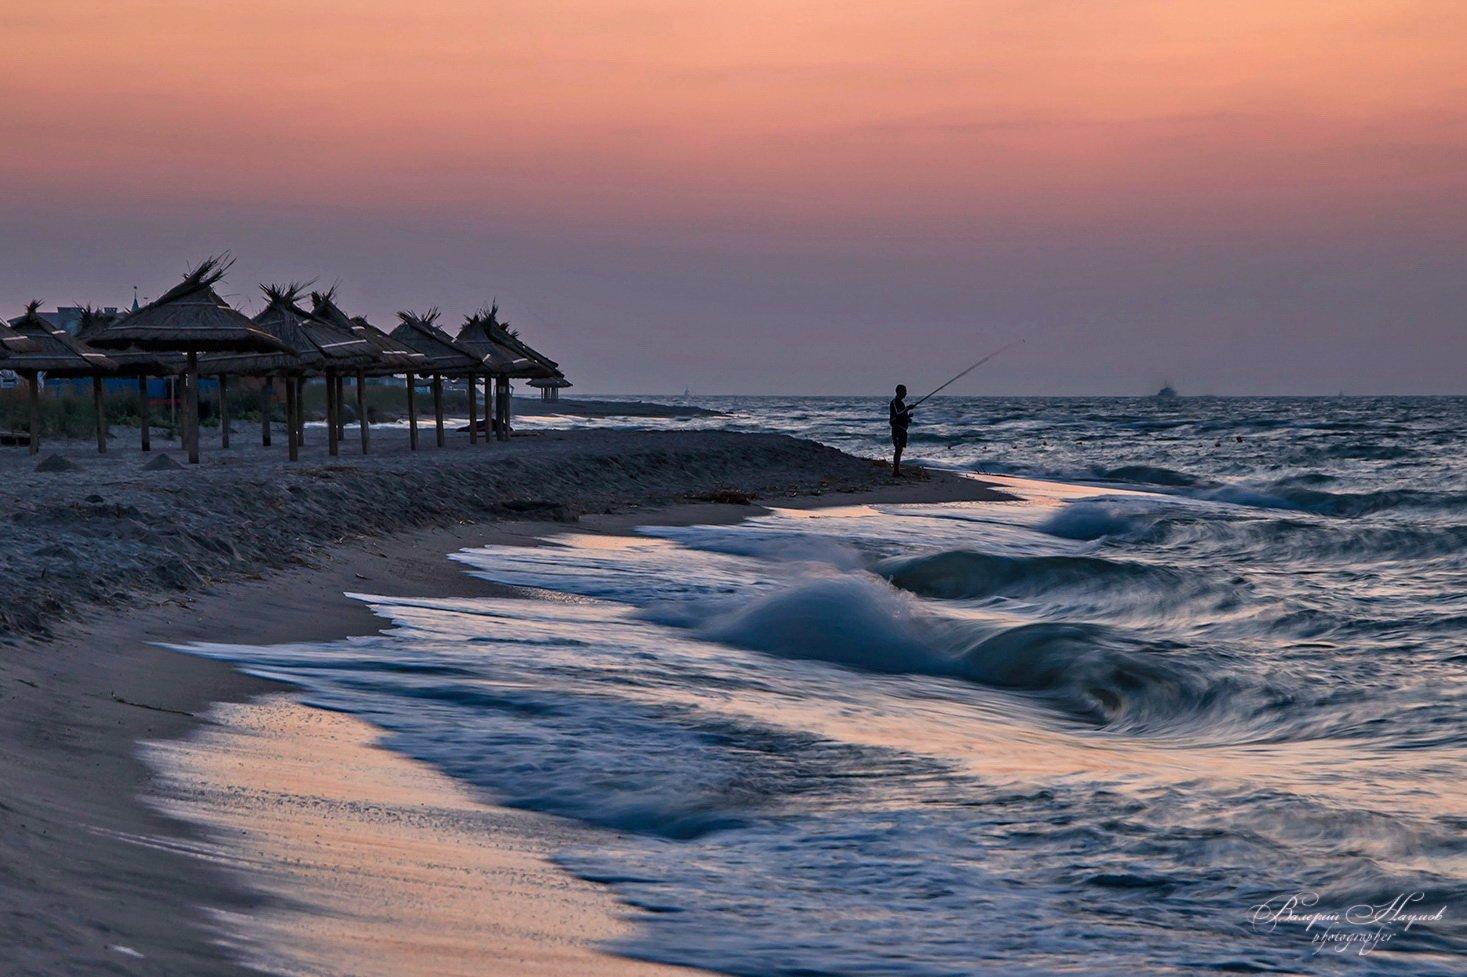 утро, рассвет, море, коса дальняя, бердянск, рыбак, прибой, волна, зоря, Валерий Наумов